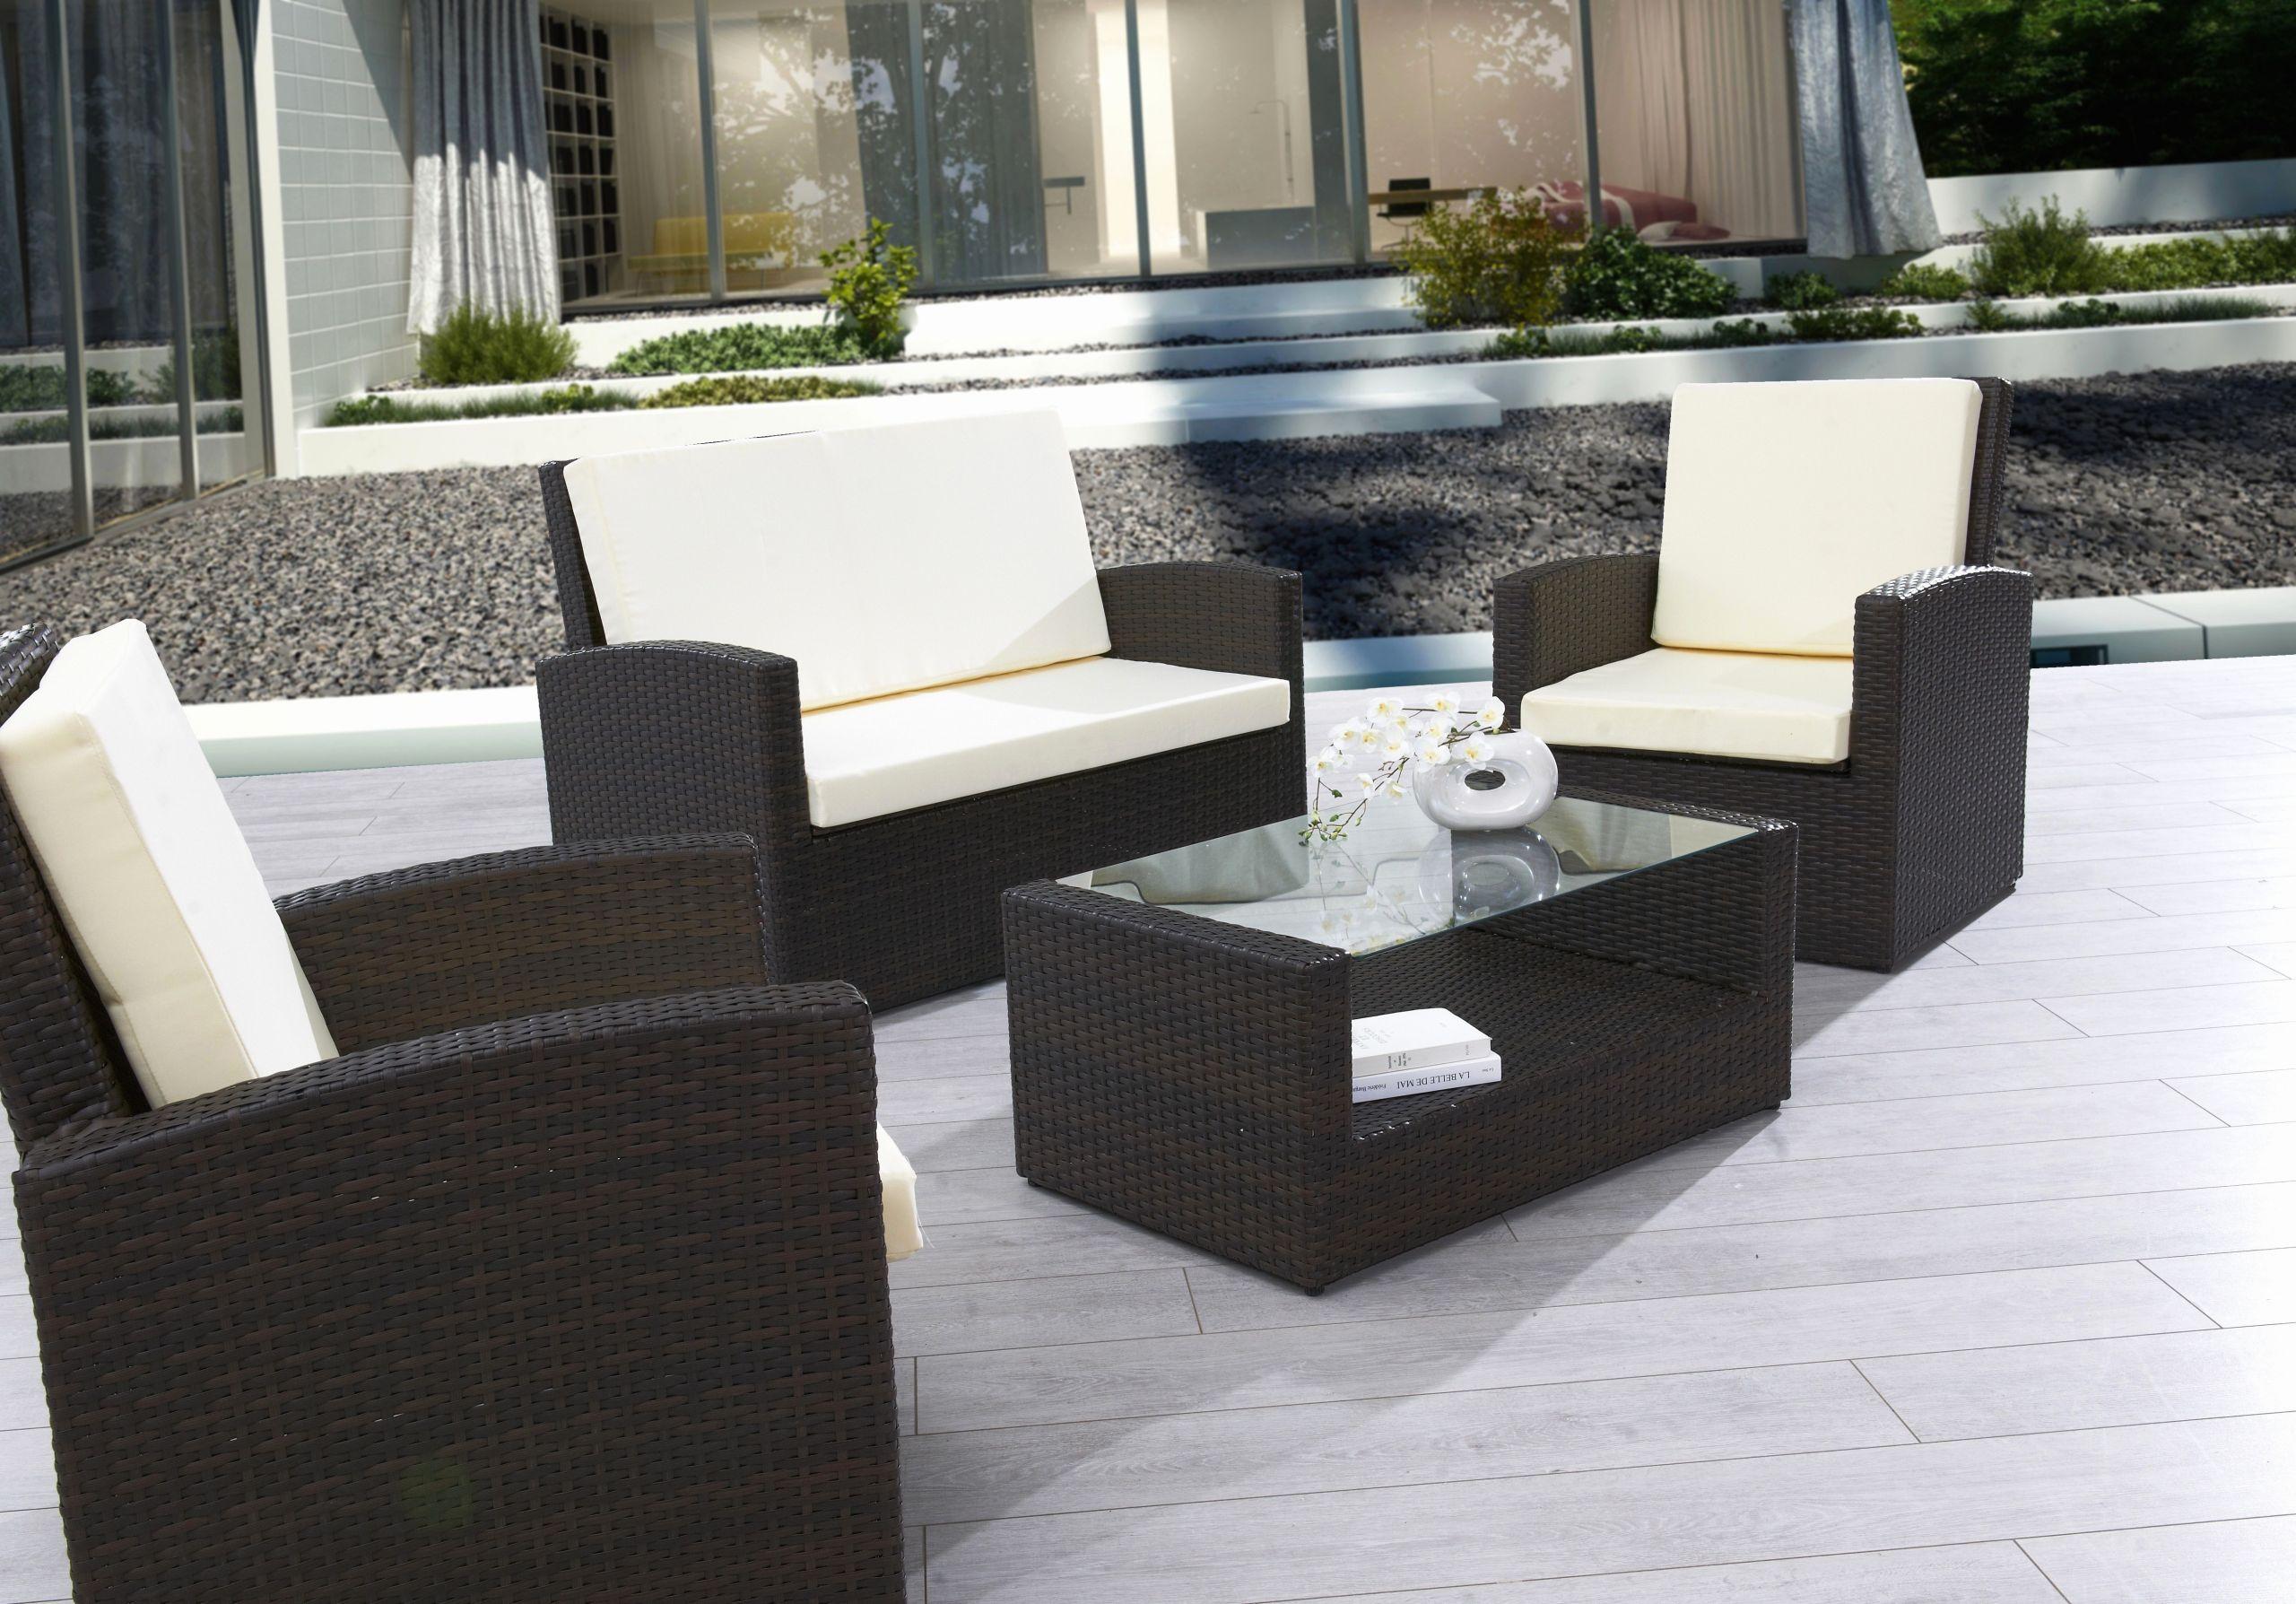 29 Luxe Table De Jardin Gifi   Salon Jardin pour Tapis De Sol Piscine Gifi